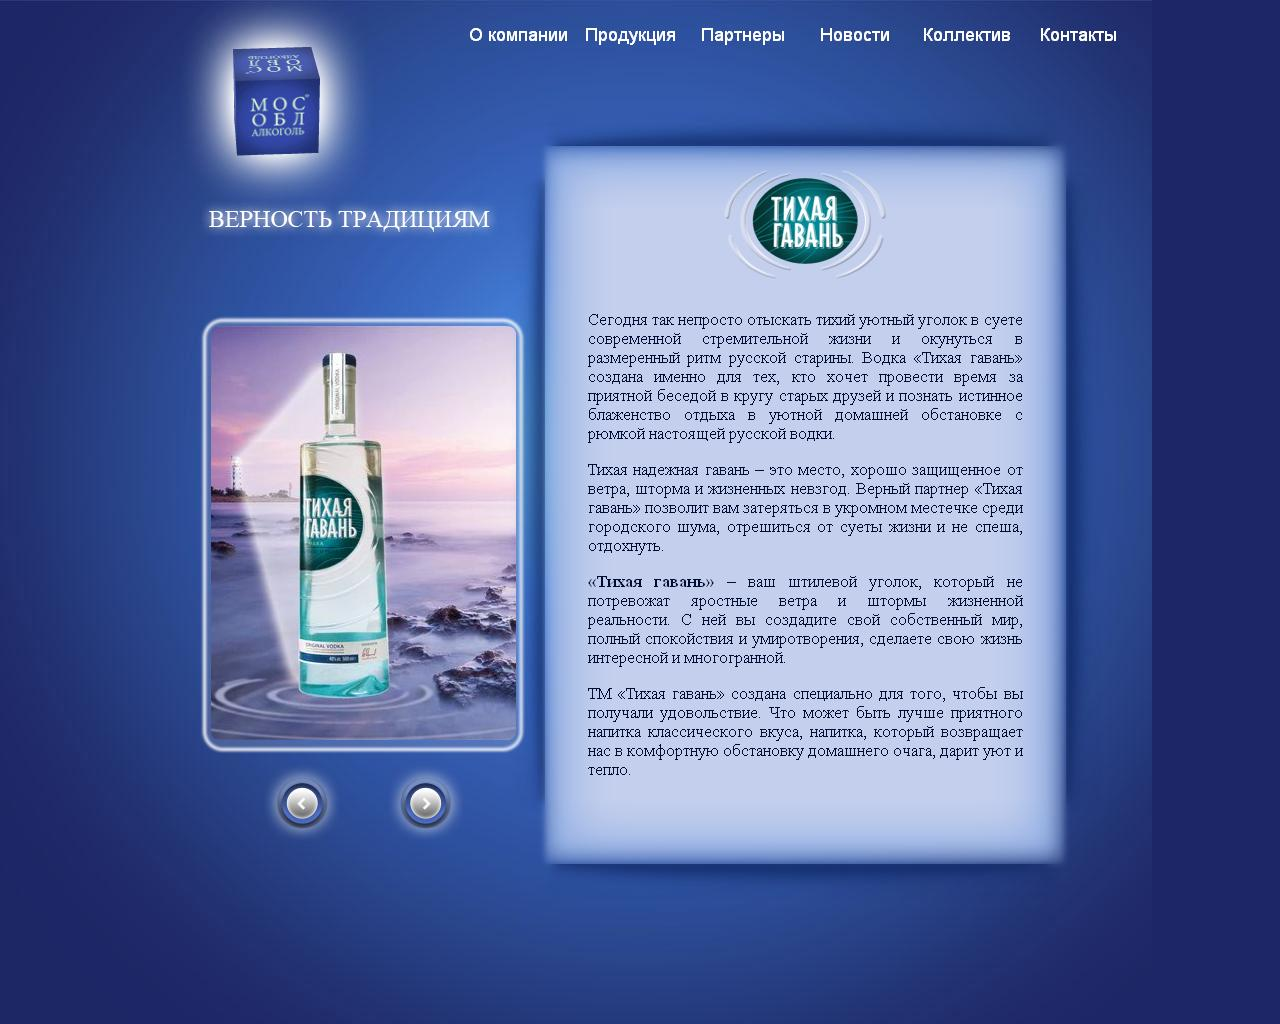 Легенда-описание нового водочного бренда.